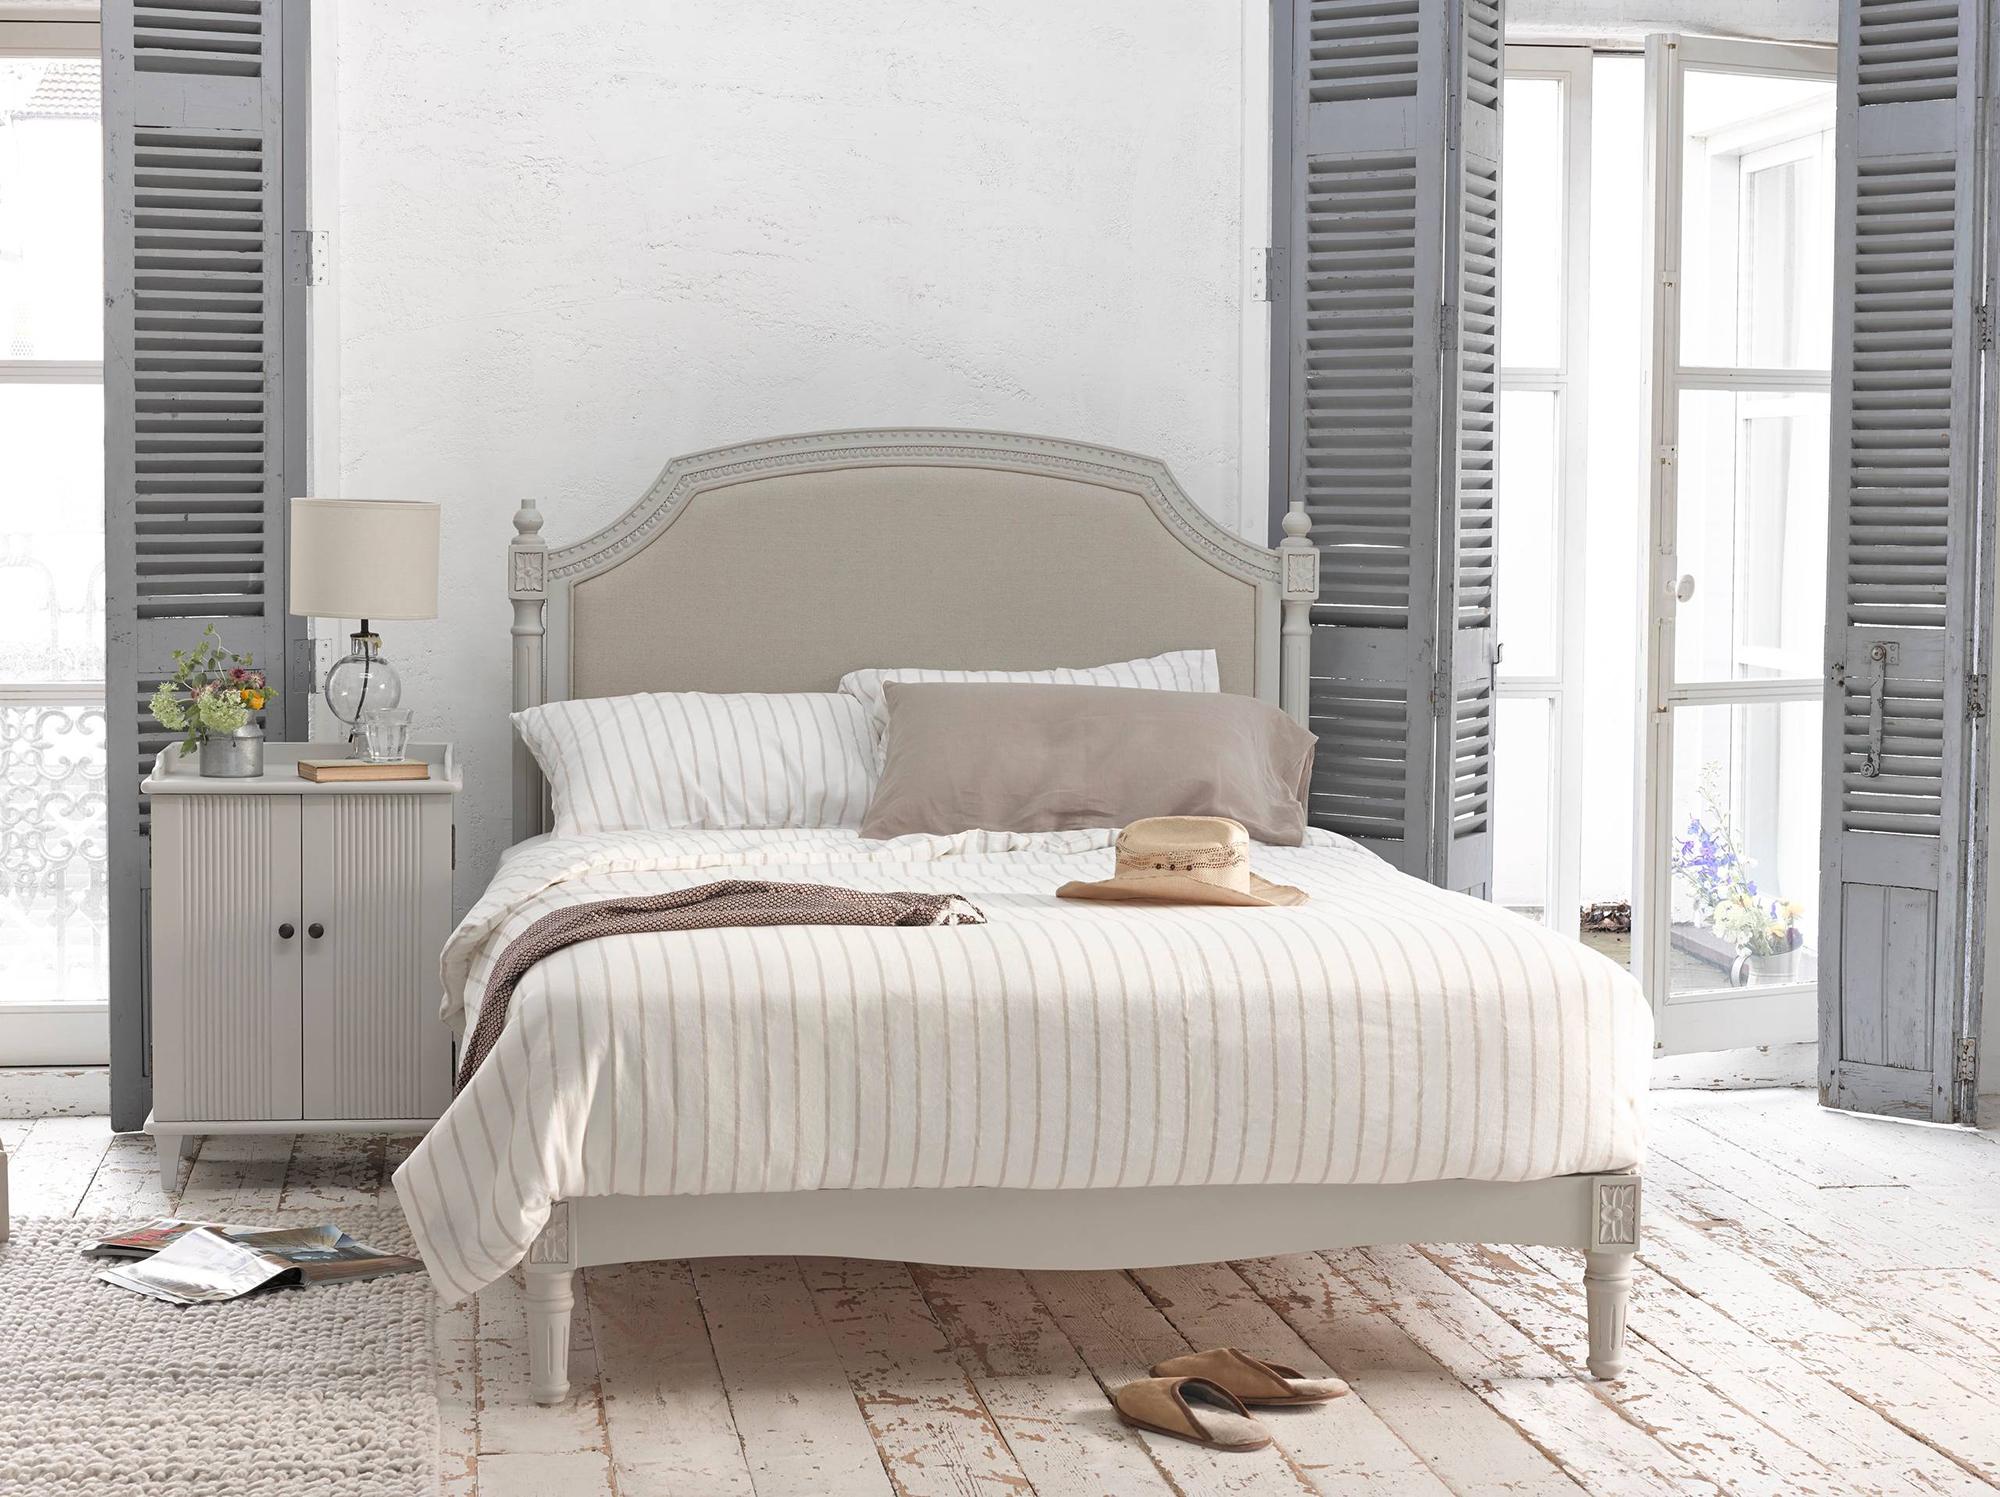 Уютная и просторная спальня в стиле прованс